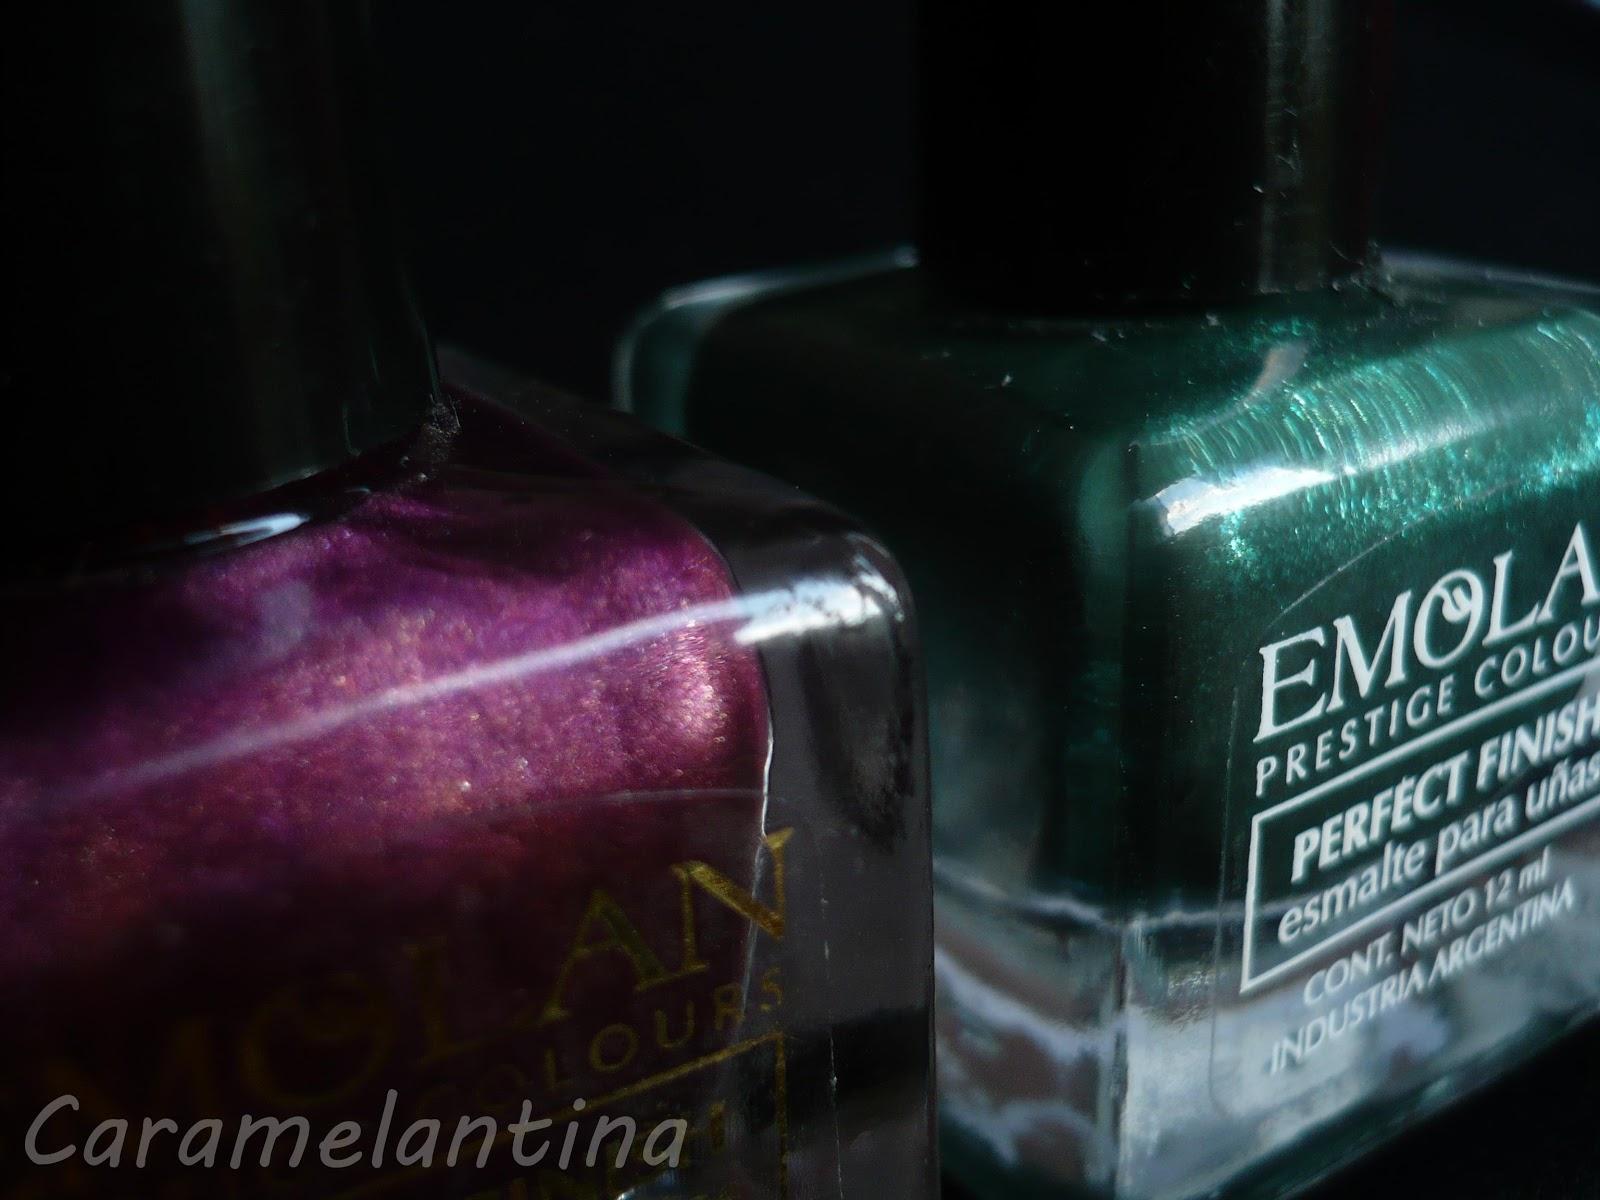 Esmaltes Emolan, Perlado Nº6, Perlado Nº112, opiniones swatch review